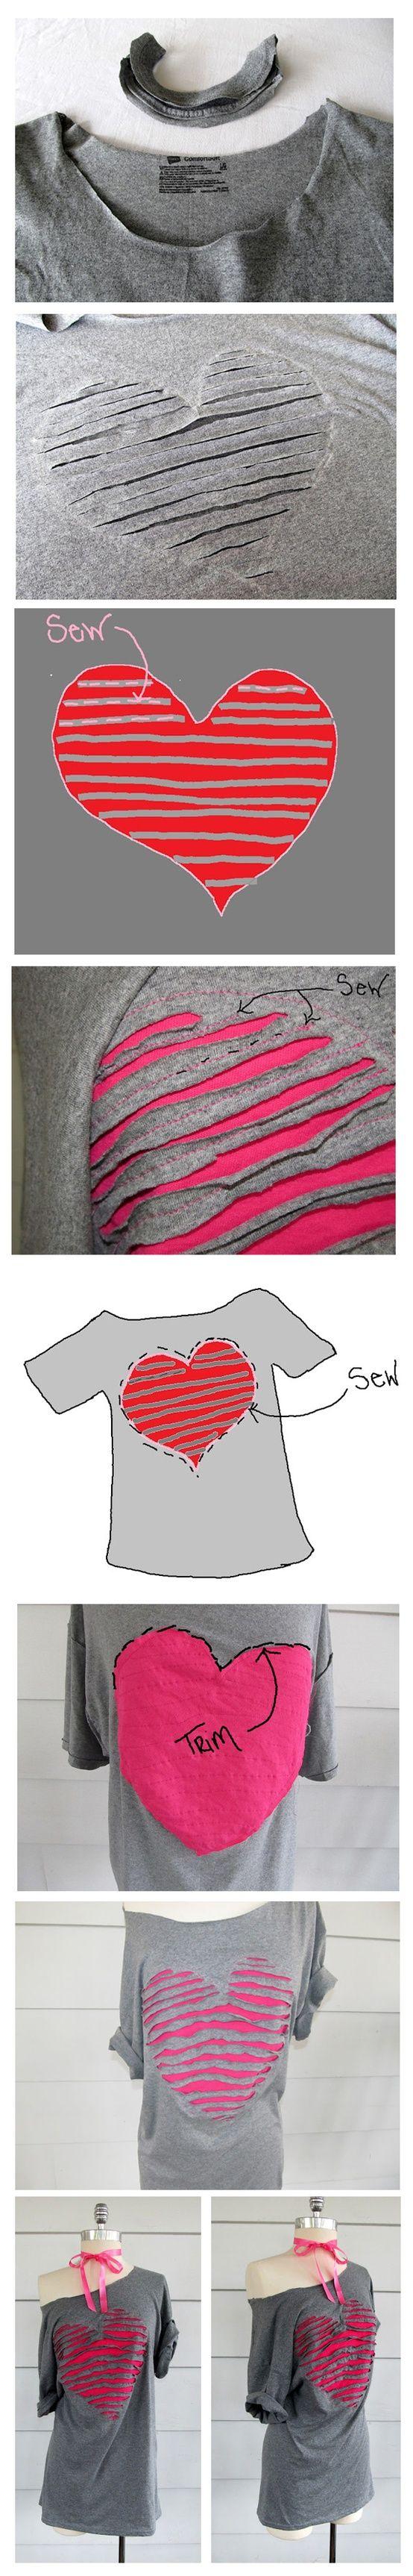 DIY cute t-shirt